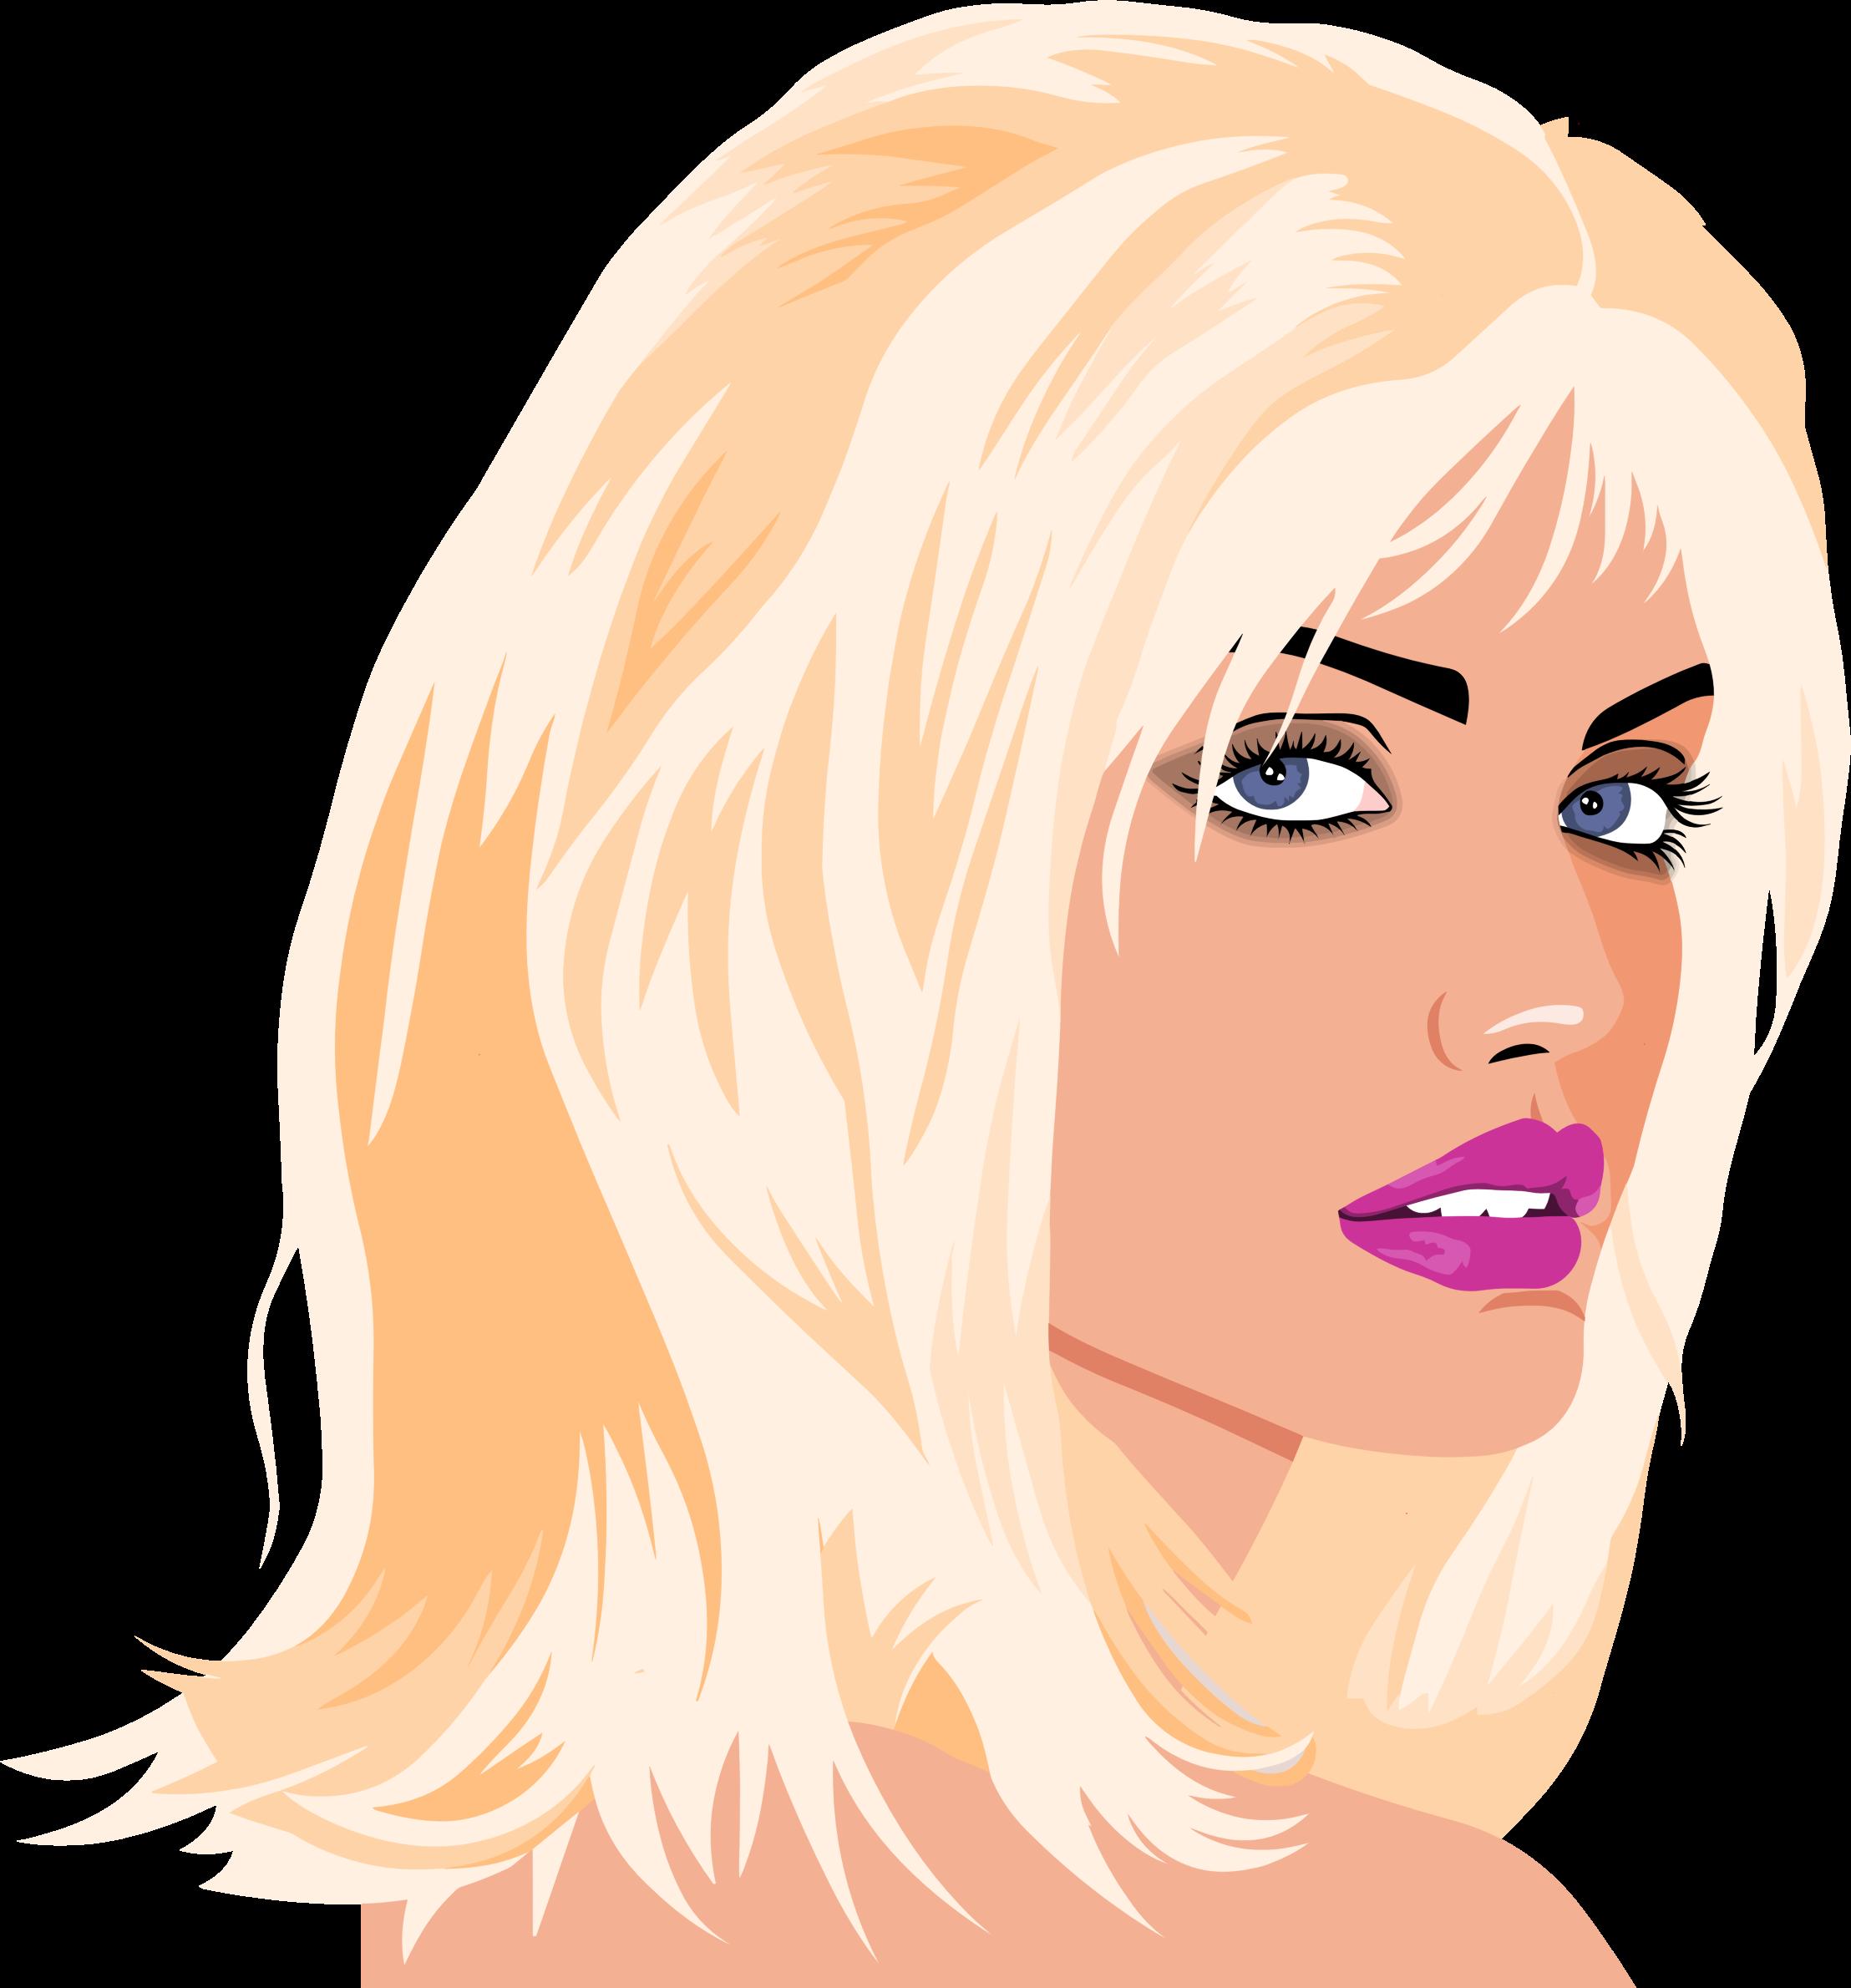 Faces clipart beautiful. Woman portrait big image